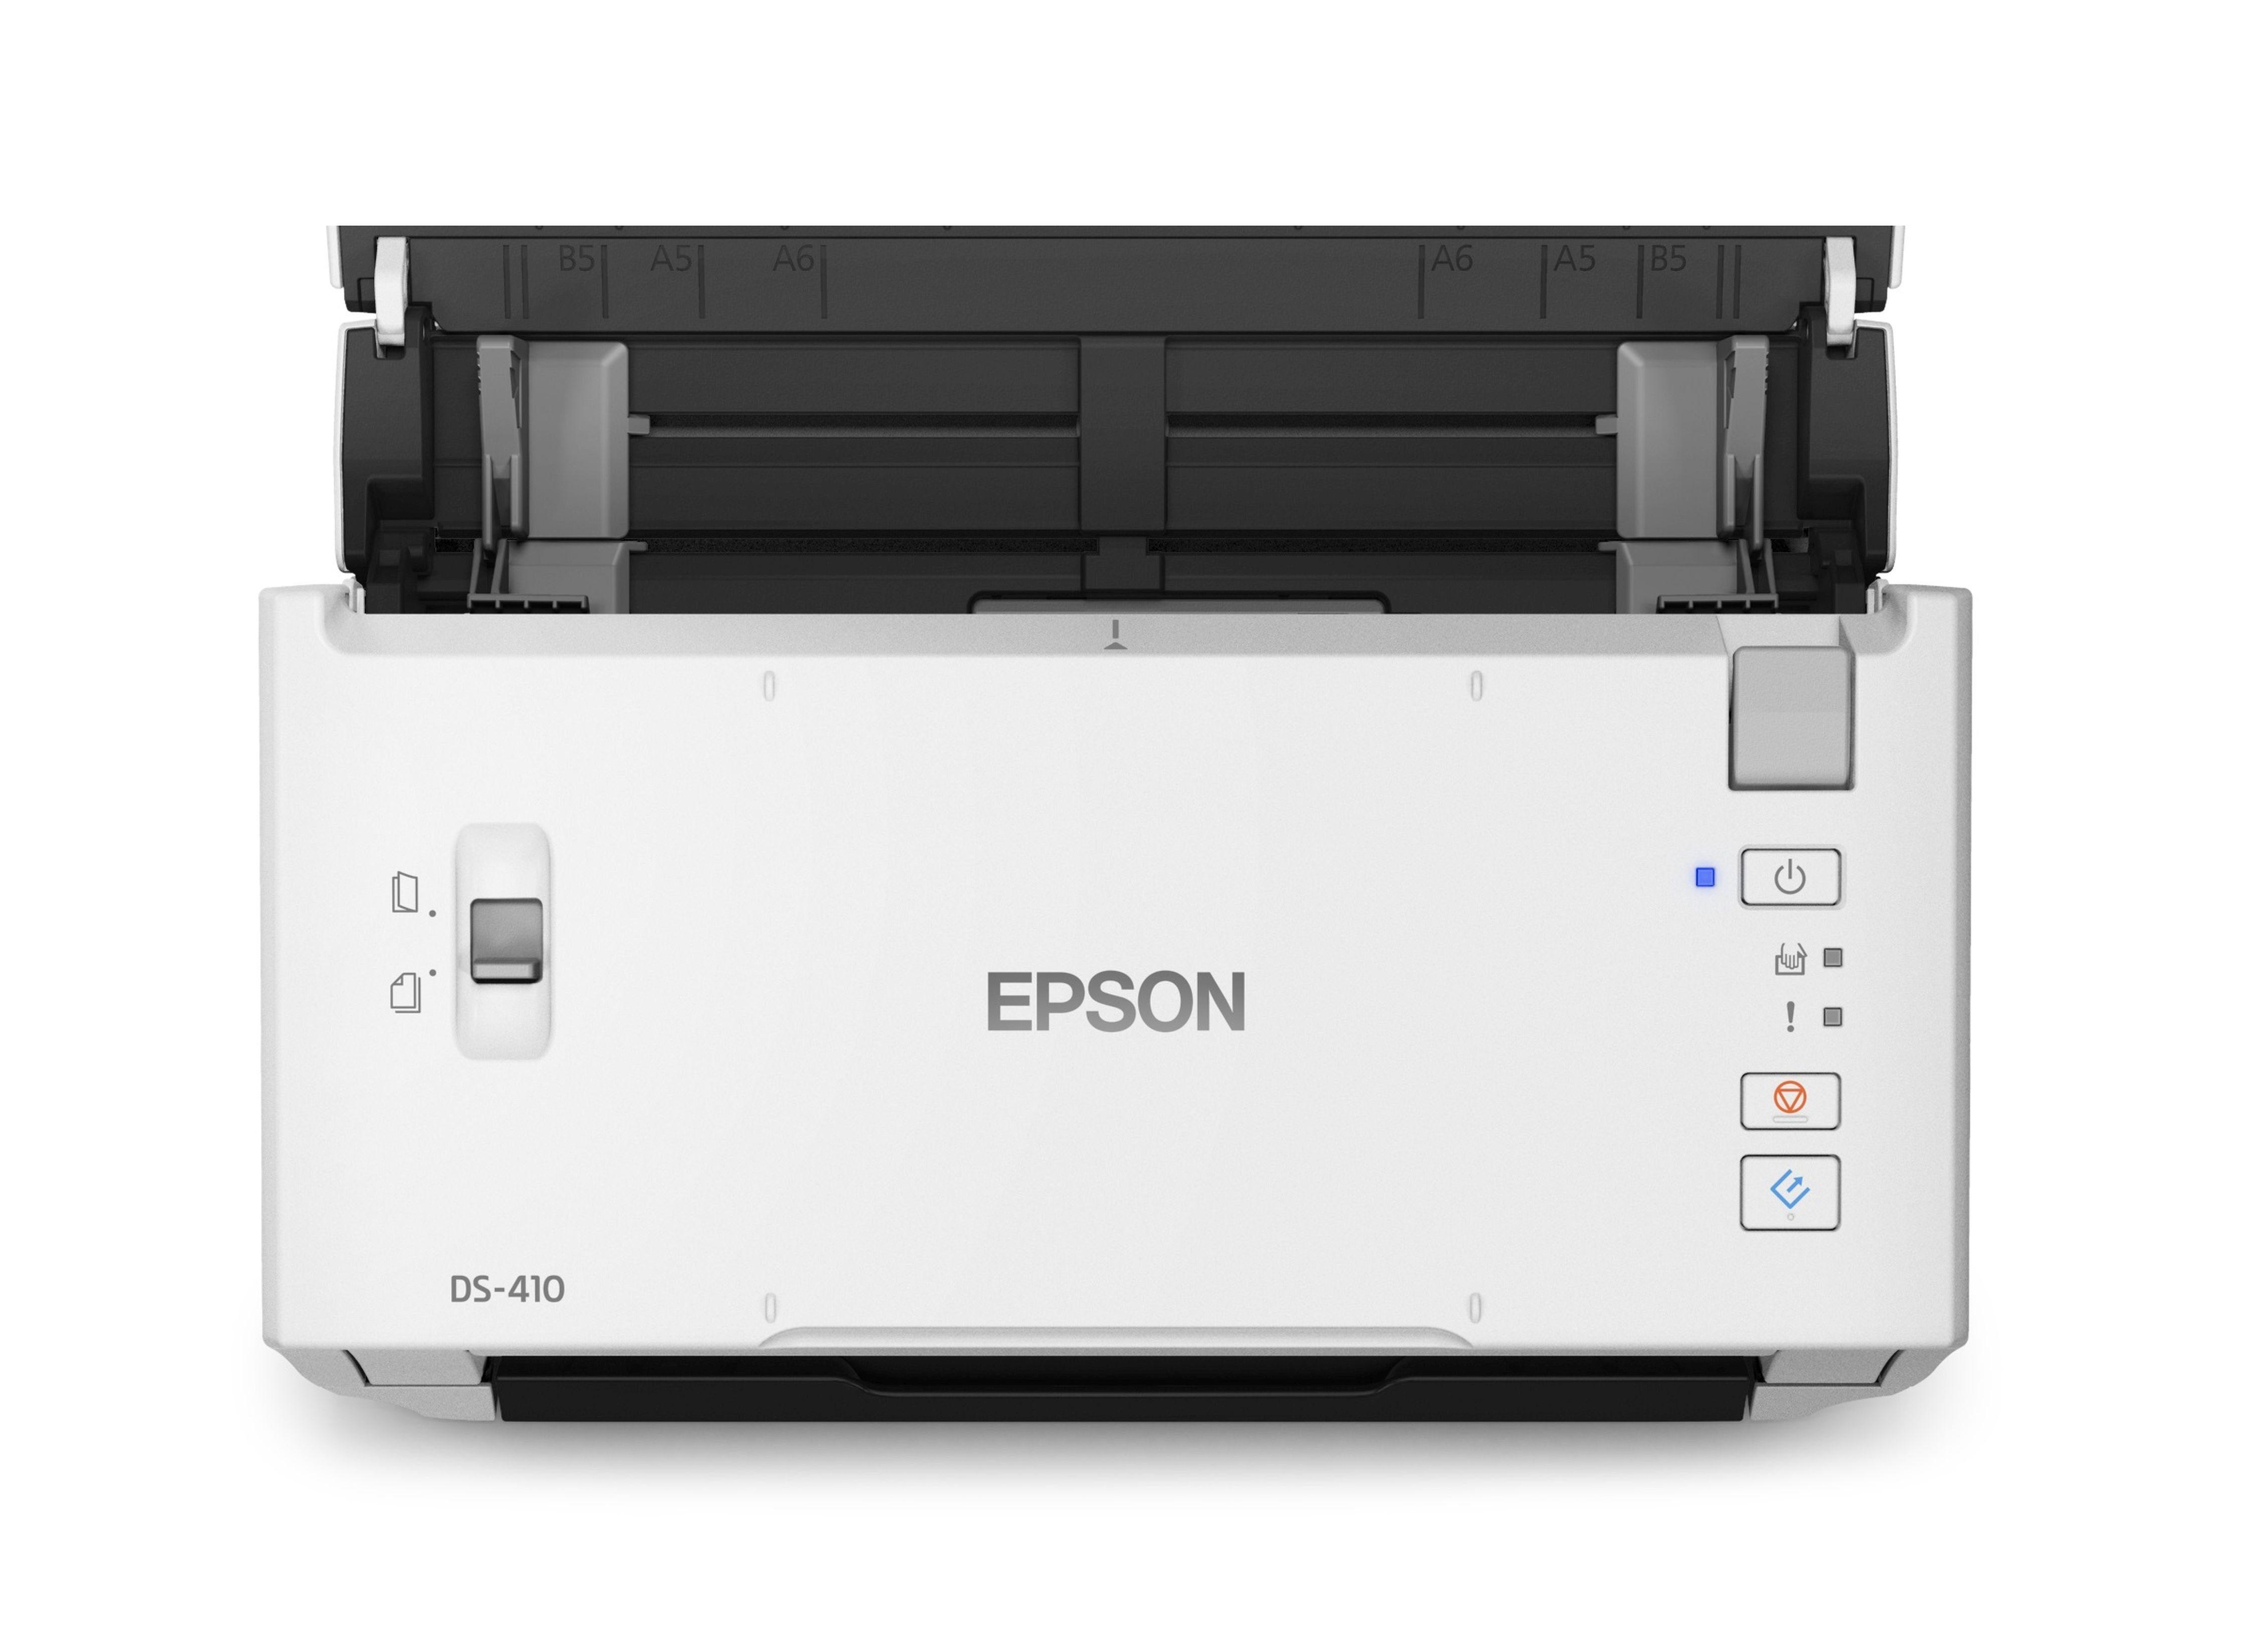 Epson WorkForce DS-410 Scanner »Innovativer Bogenscanner mit Bildverbesserung«